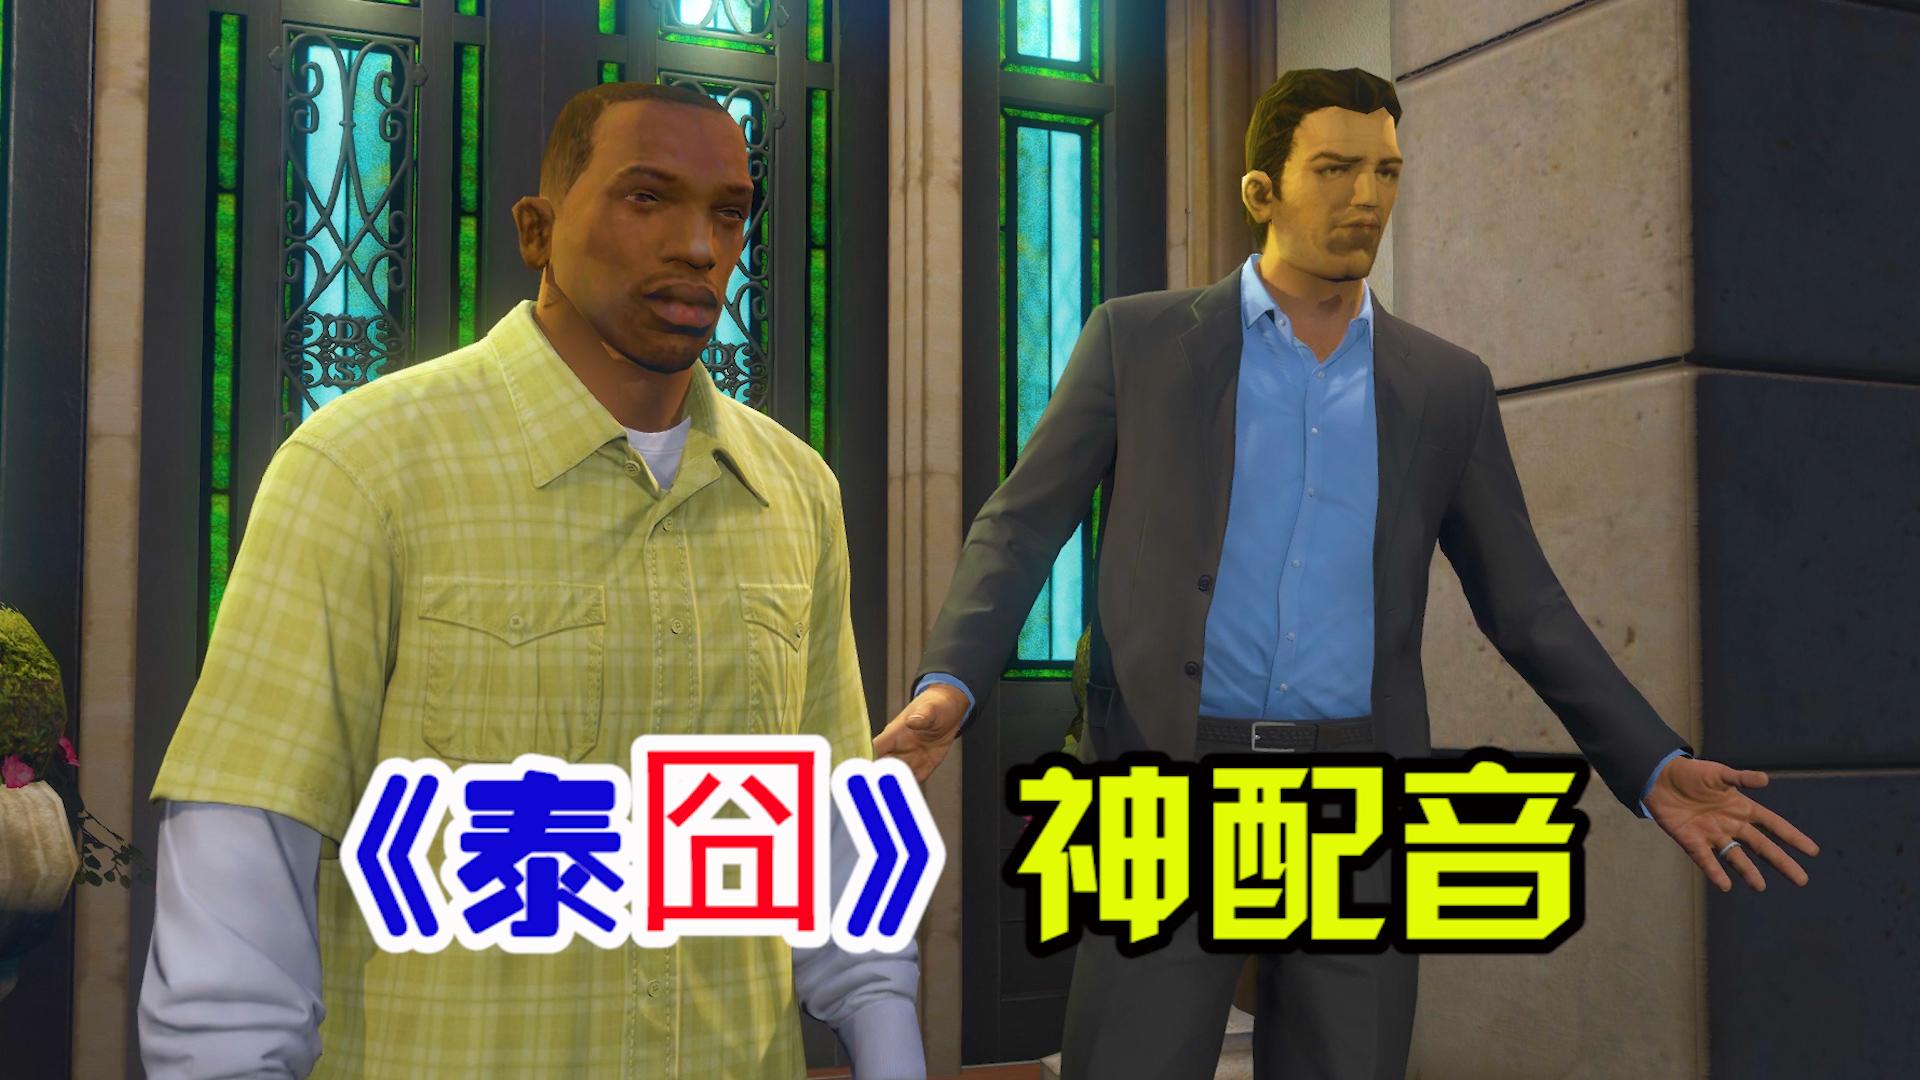 用GTA5游戏神配音电影《泰囧》经典片段:这不是我要找的老周!